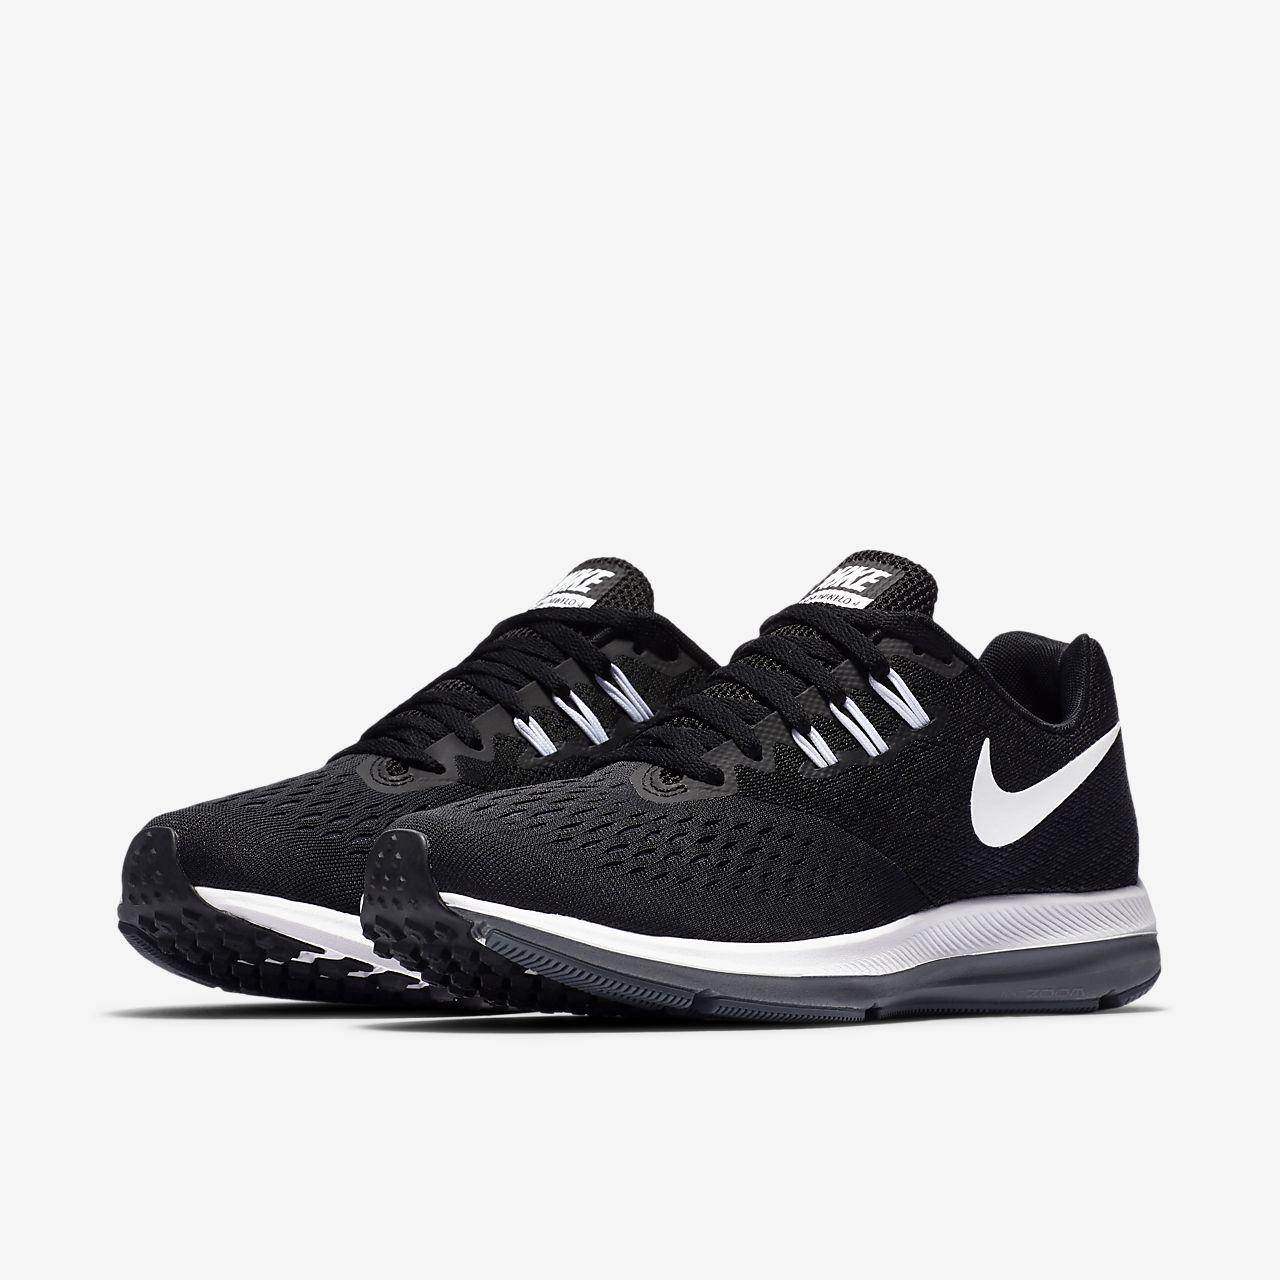 8b1ddfca8d21 Nike Zoom Winflo 4 Women s Running Shoe. Nike.com BE